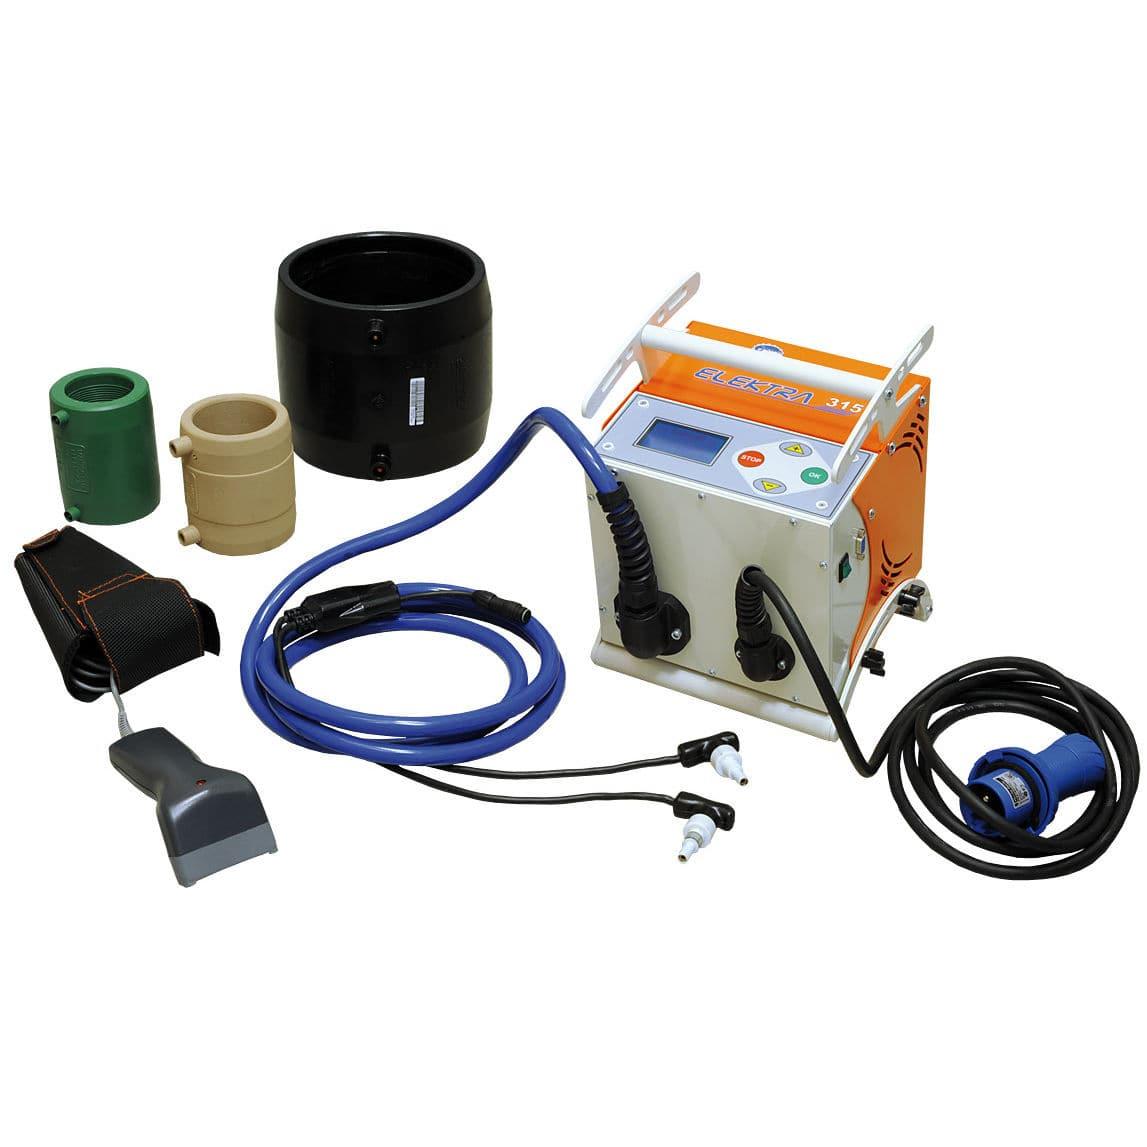 elektro-schweißgerät / einphasig - elektra 315 - ritmo s.p.a.